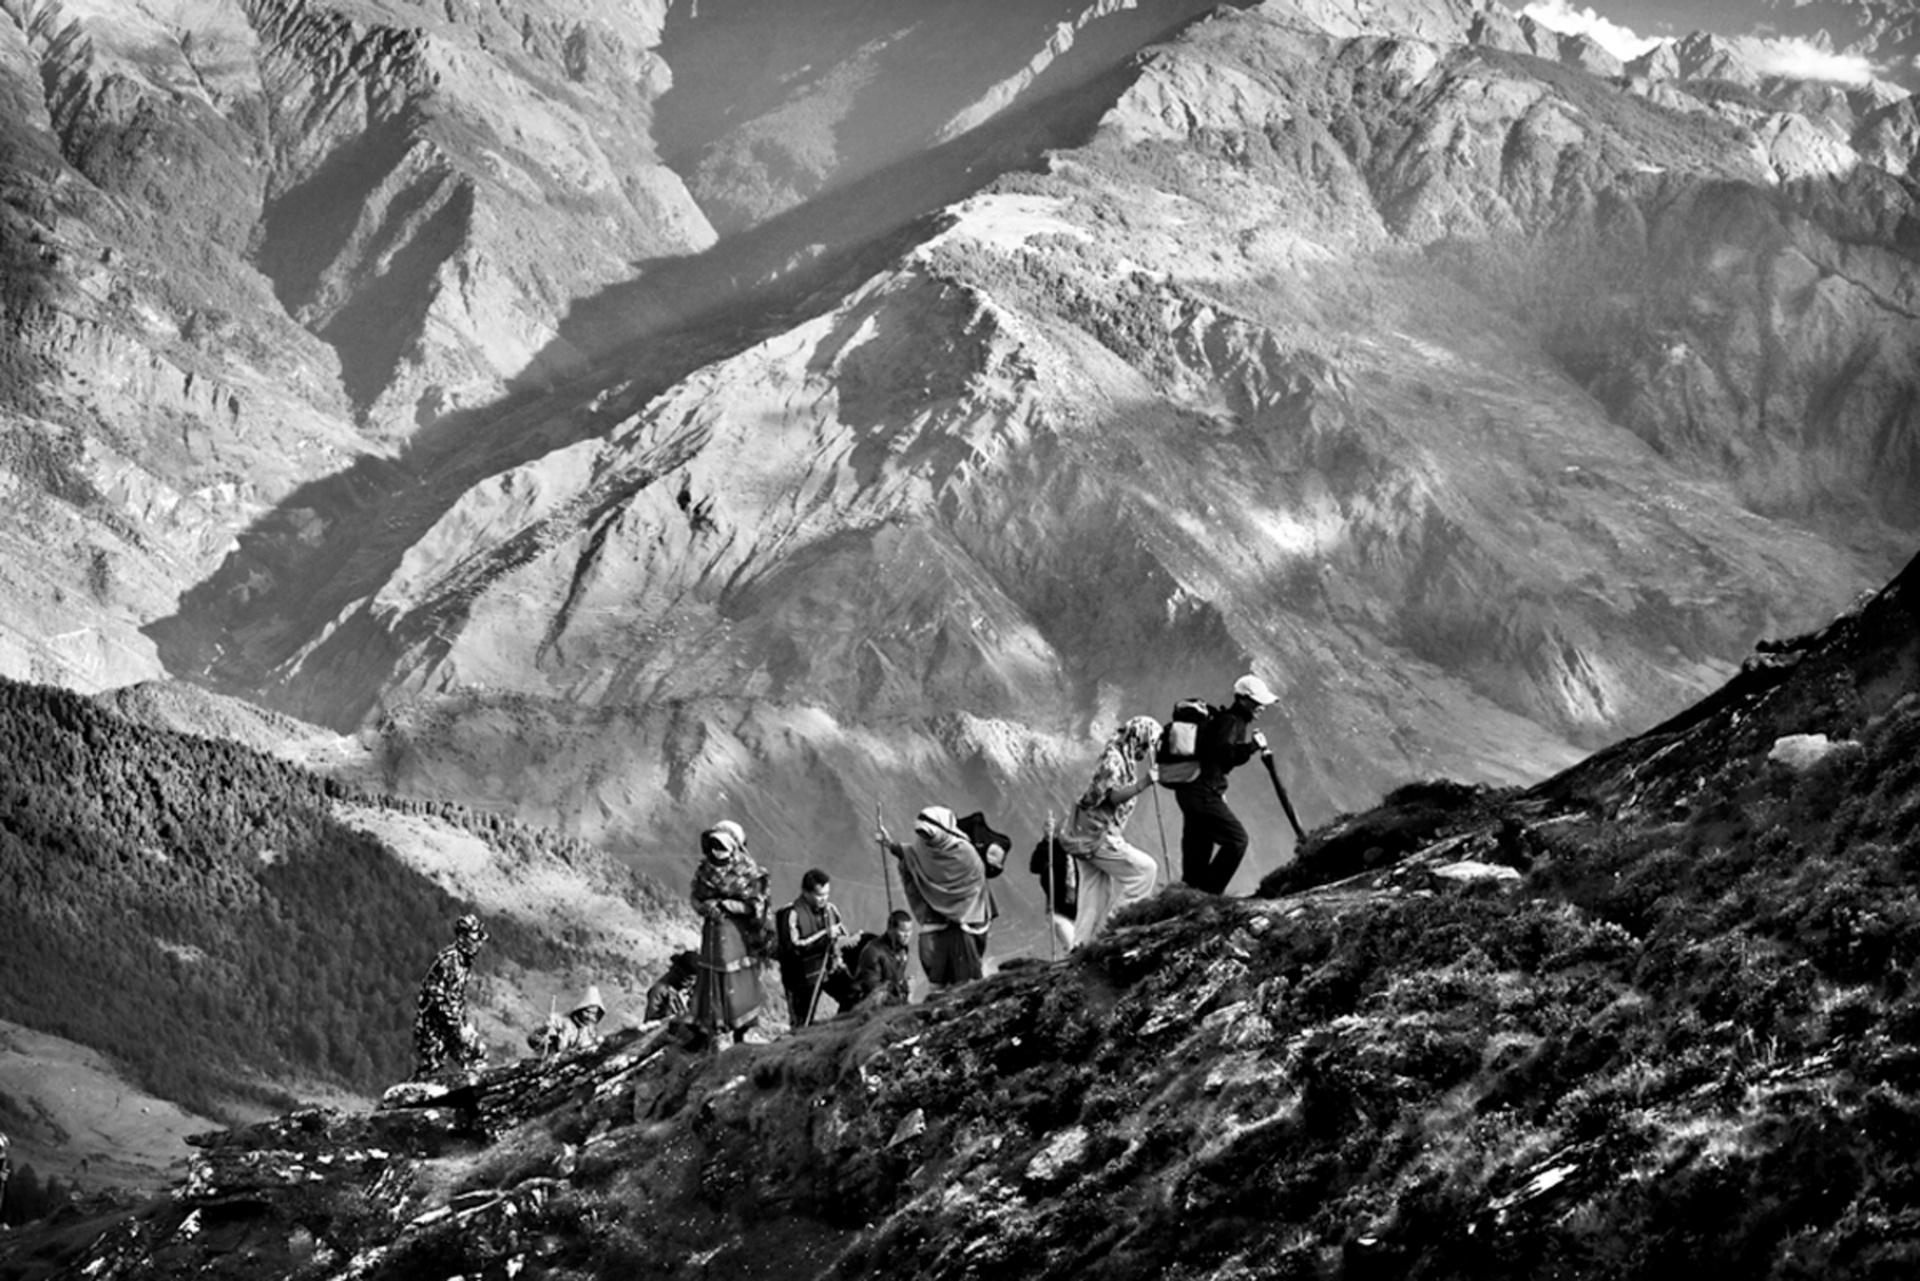 Spirit of Adventure winner, best single image, Timothy Allen, UK Pilgrims walking up to Gosaikunda Lake at 14,370ft in the Himalaya, Langtang, Nepal Photograph: Timothy Allen/TPOTY